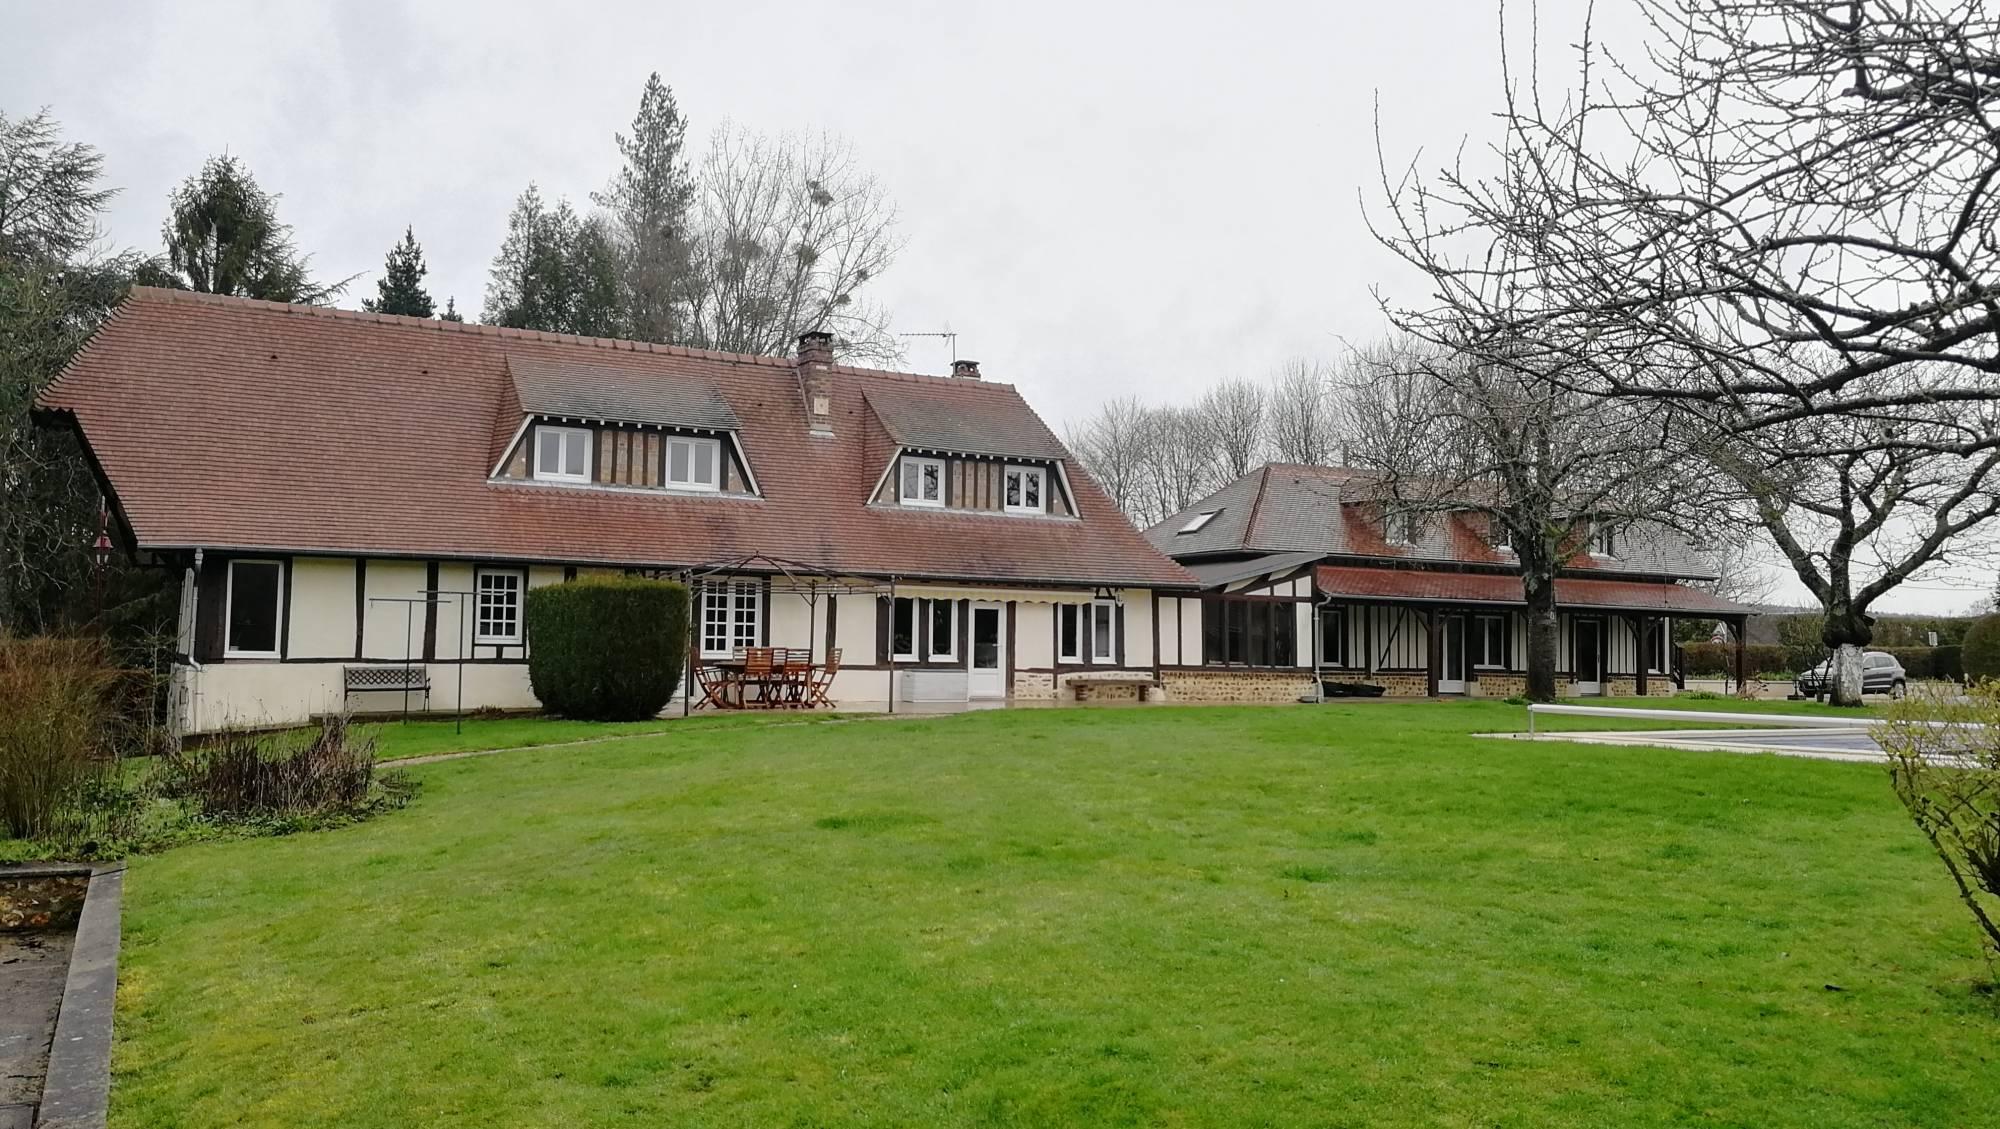 a vendre, grande maison Normande, maison familiale, proche PONT-AUDEMER 27500